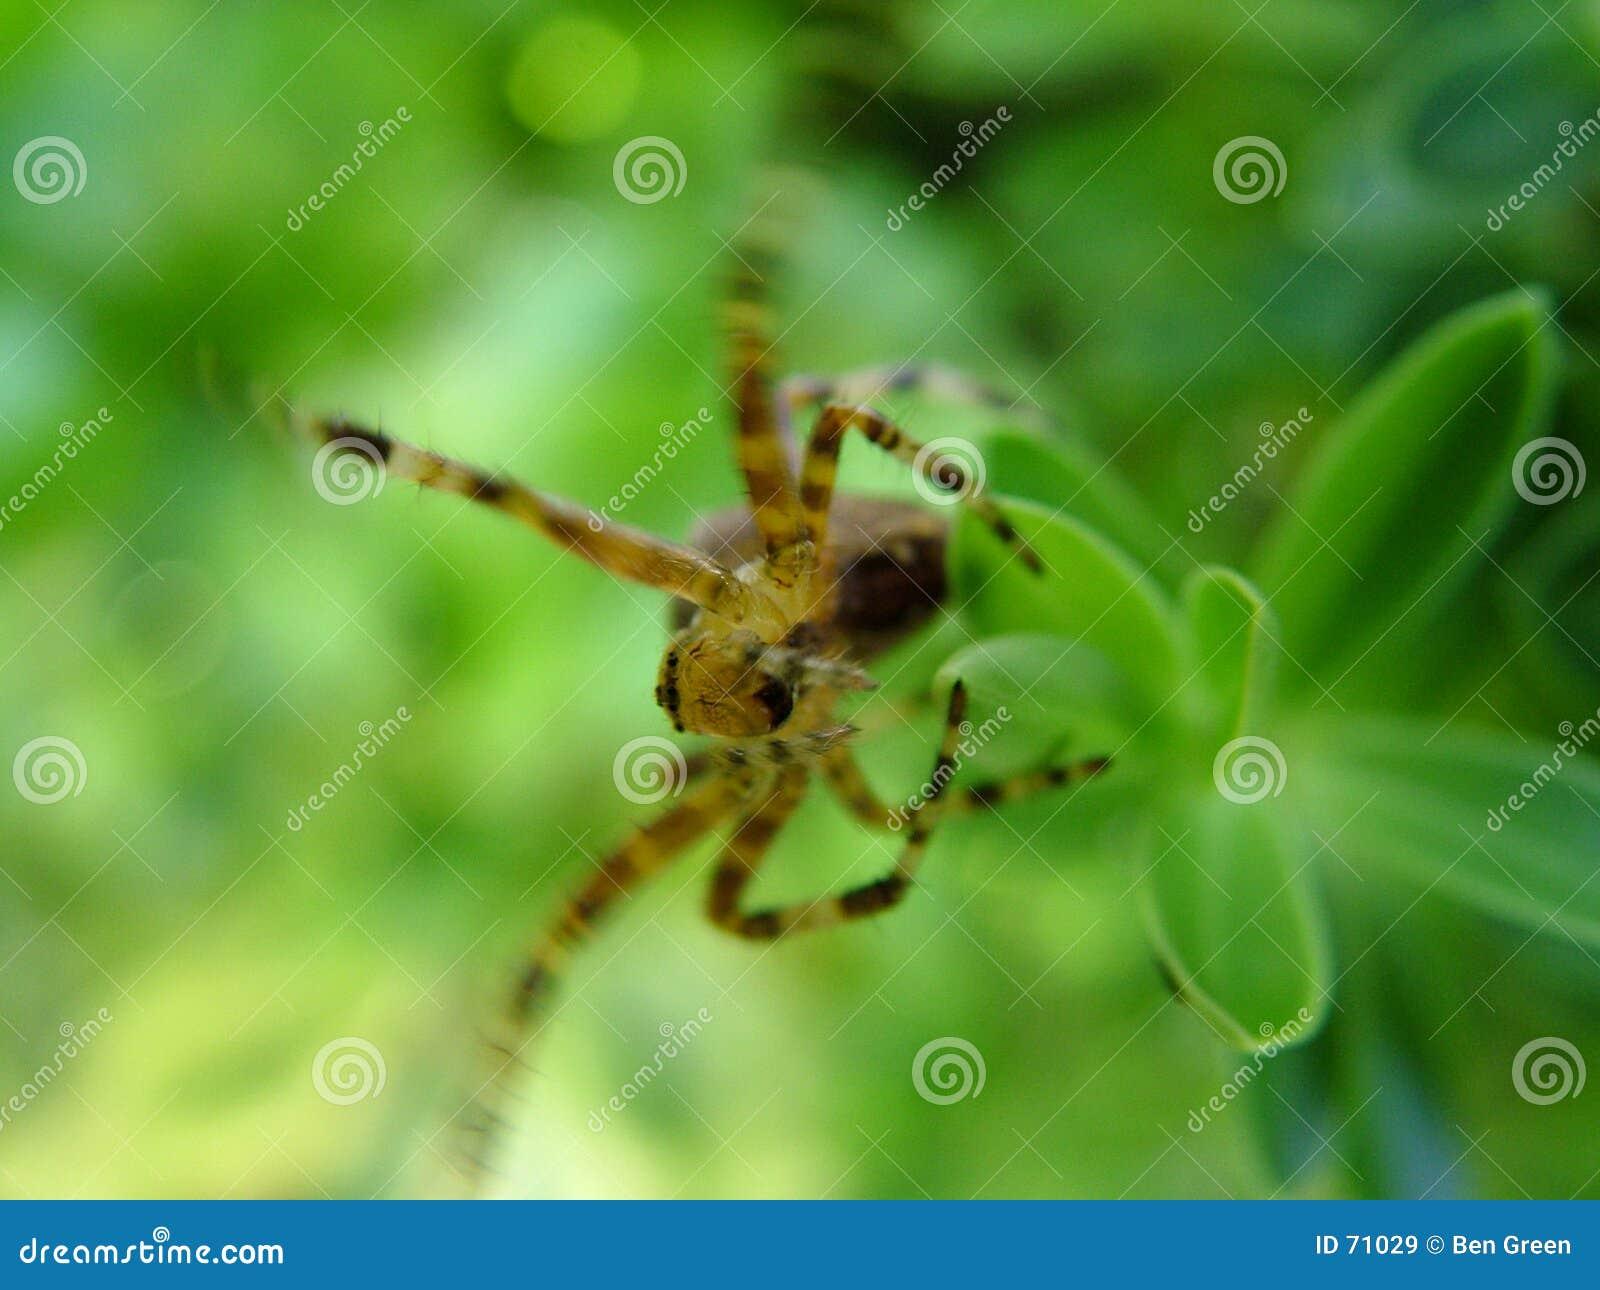 Spider on bush